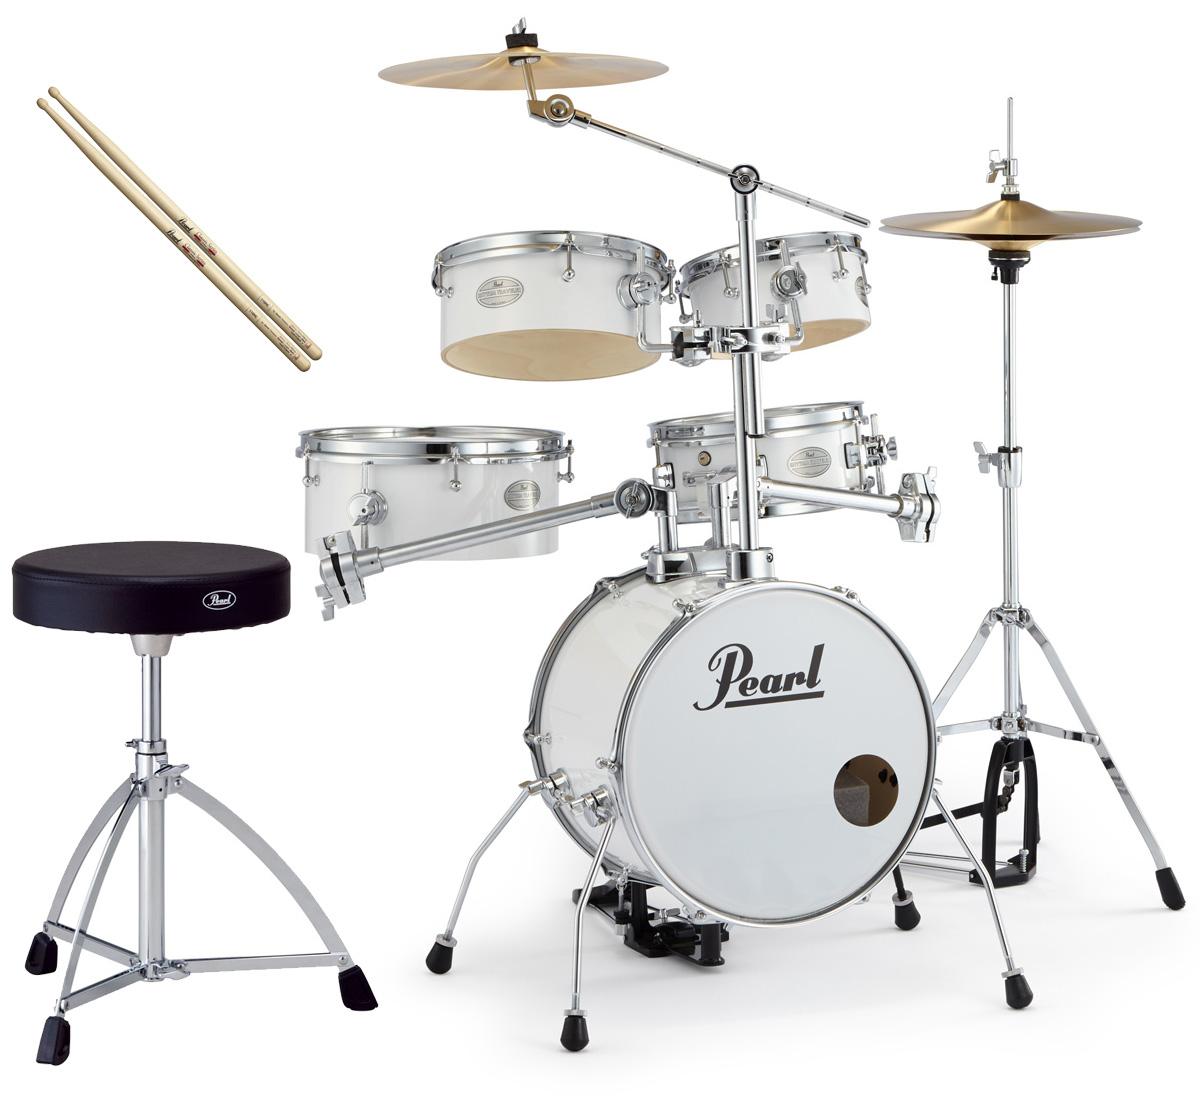 Pearl 小型 ドラムセット RT-645N/C 33-ピュアホワイト リズムトラベラー ver.3S パール純正ドラムイスとスティックセット